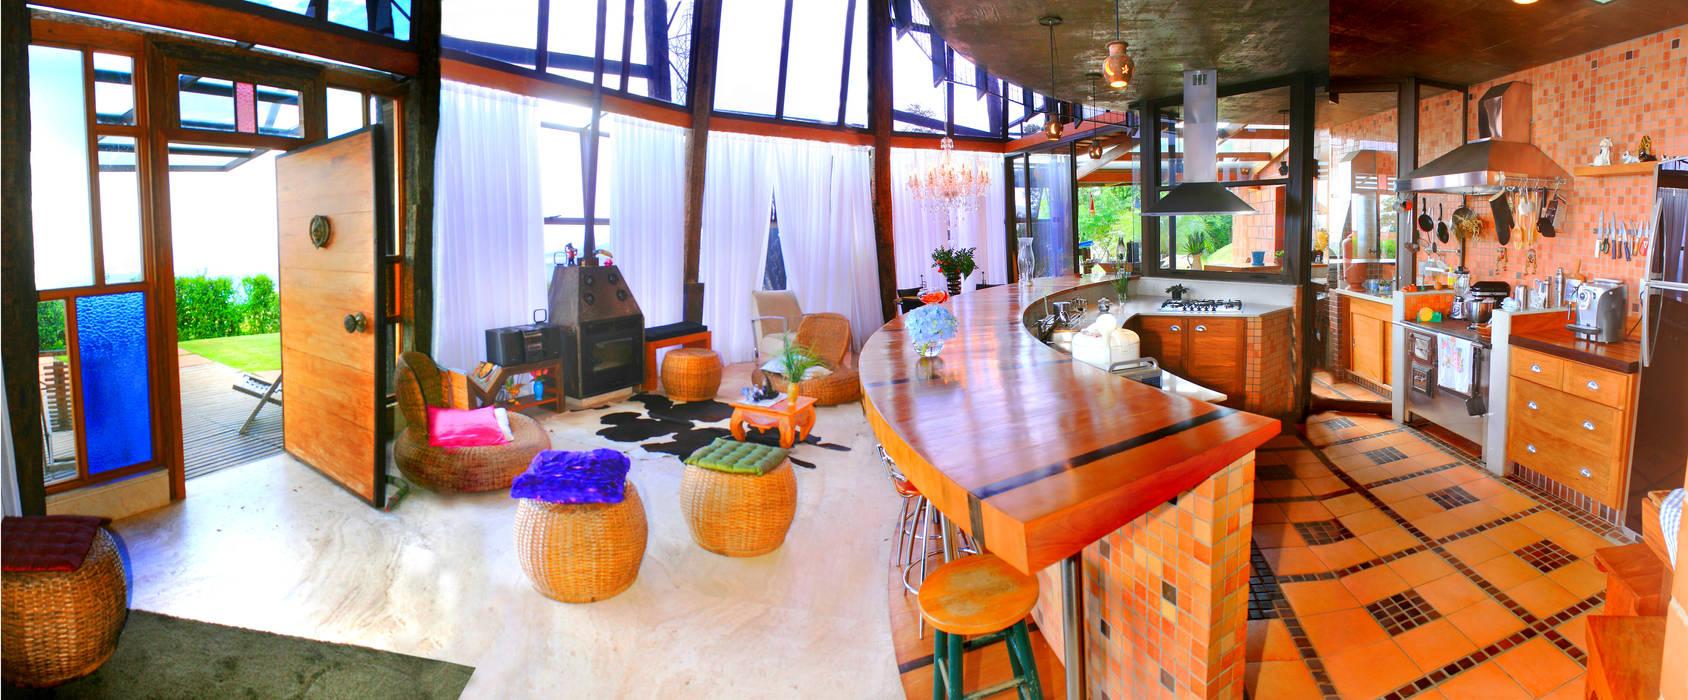 Wohnzimmer von Hérmanes Abreu Arquitetura Ltda,